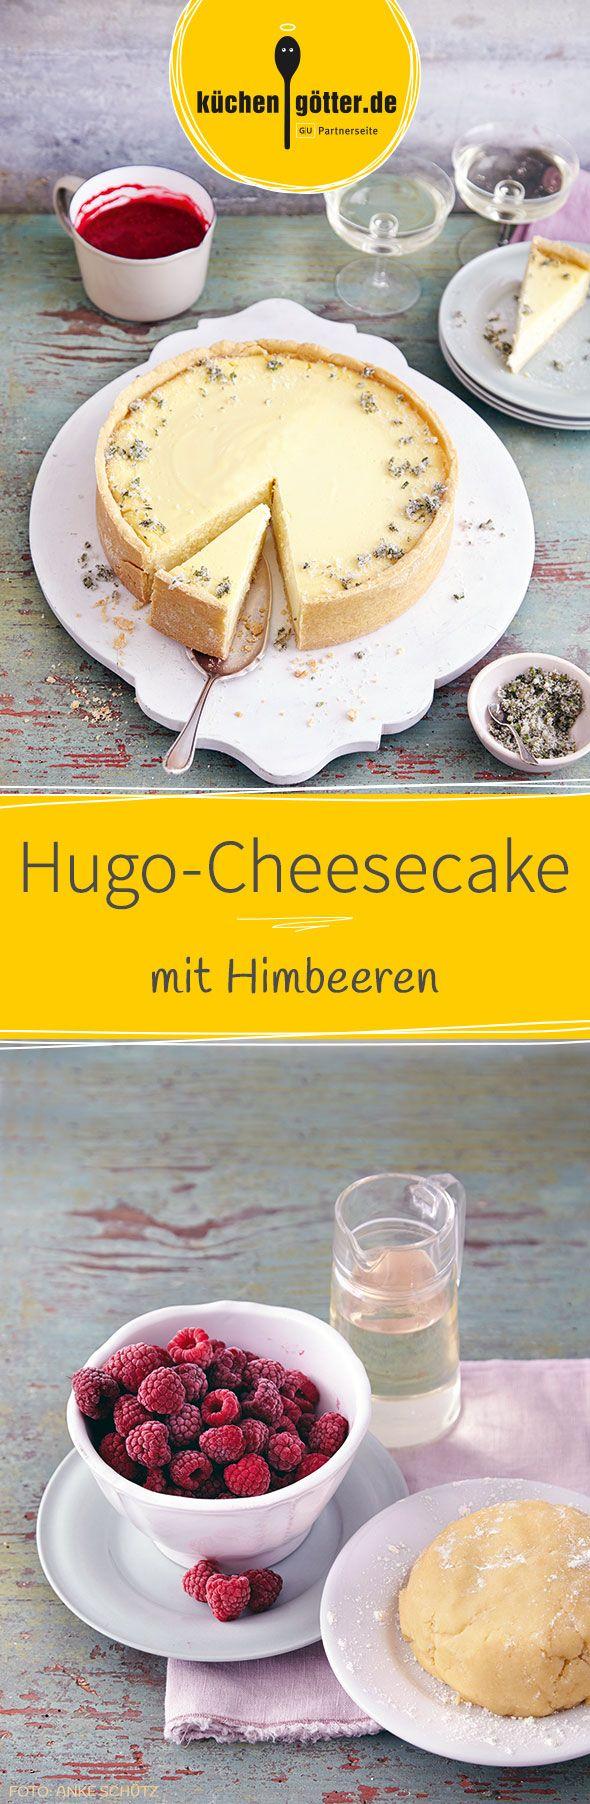 Unser Konkurrenz-Rezept für den New York Cheesecake: Wer als Cocktail begeistert, schmeckt auch als Kuchen einfach hinreißend.